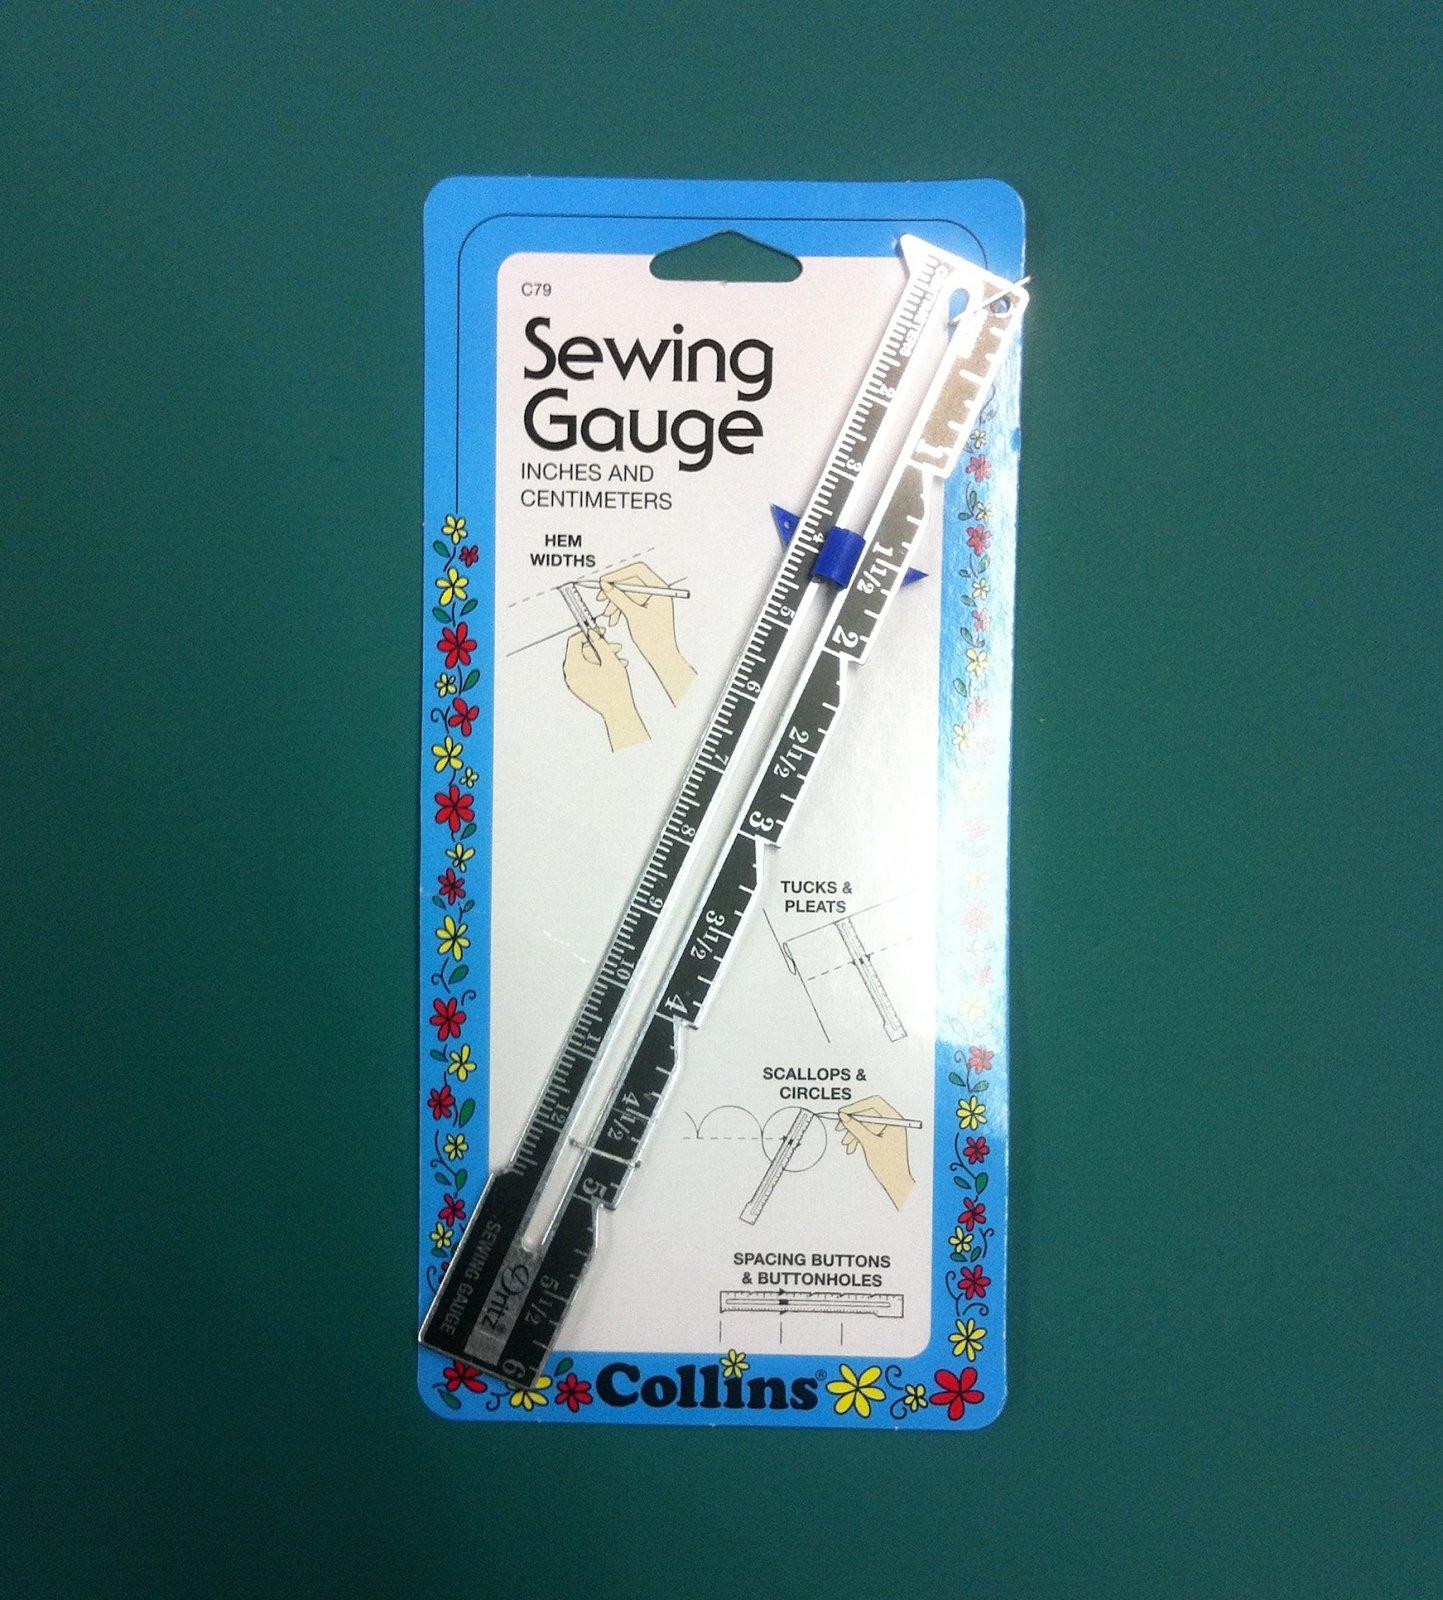 Collins Sewing Gauge